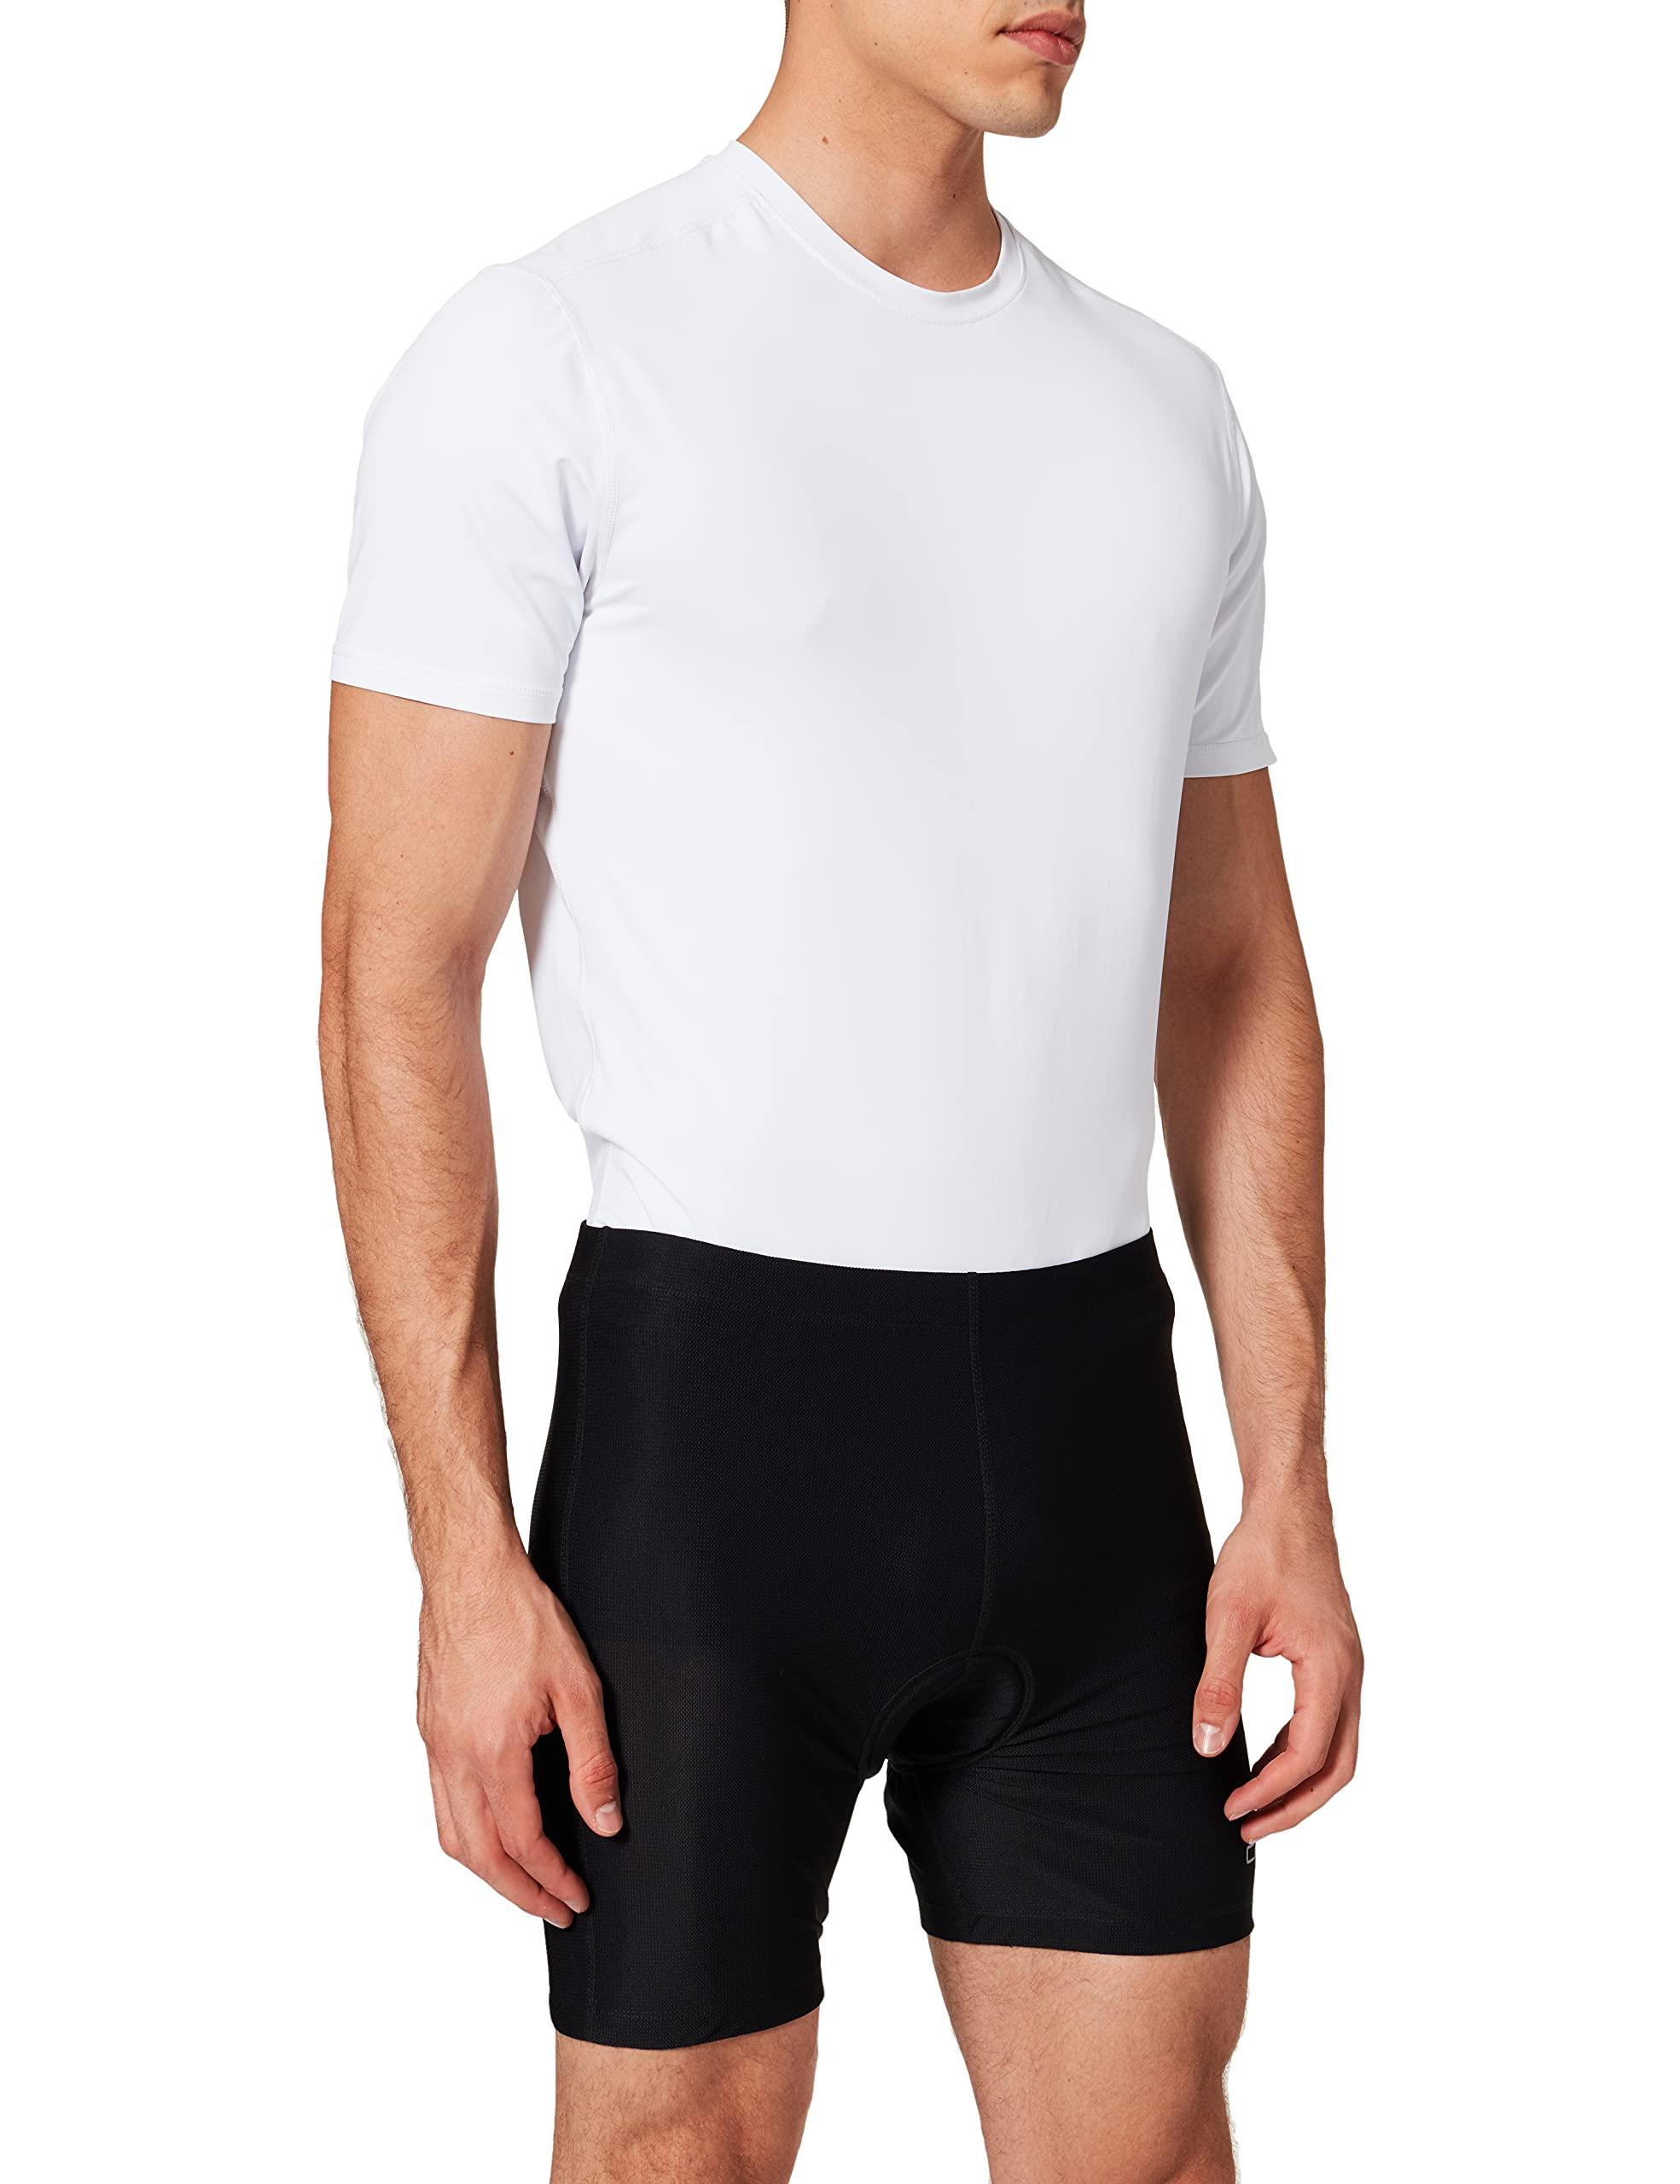 CMP Herren Tight-Fitting Bike Shorts Hosen, Black, 54